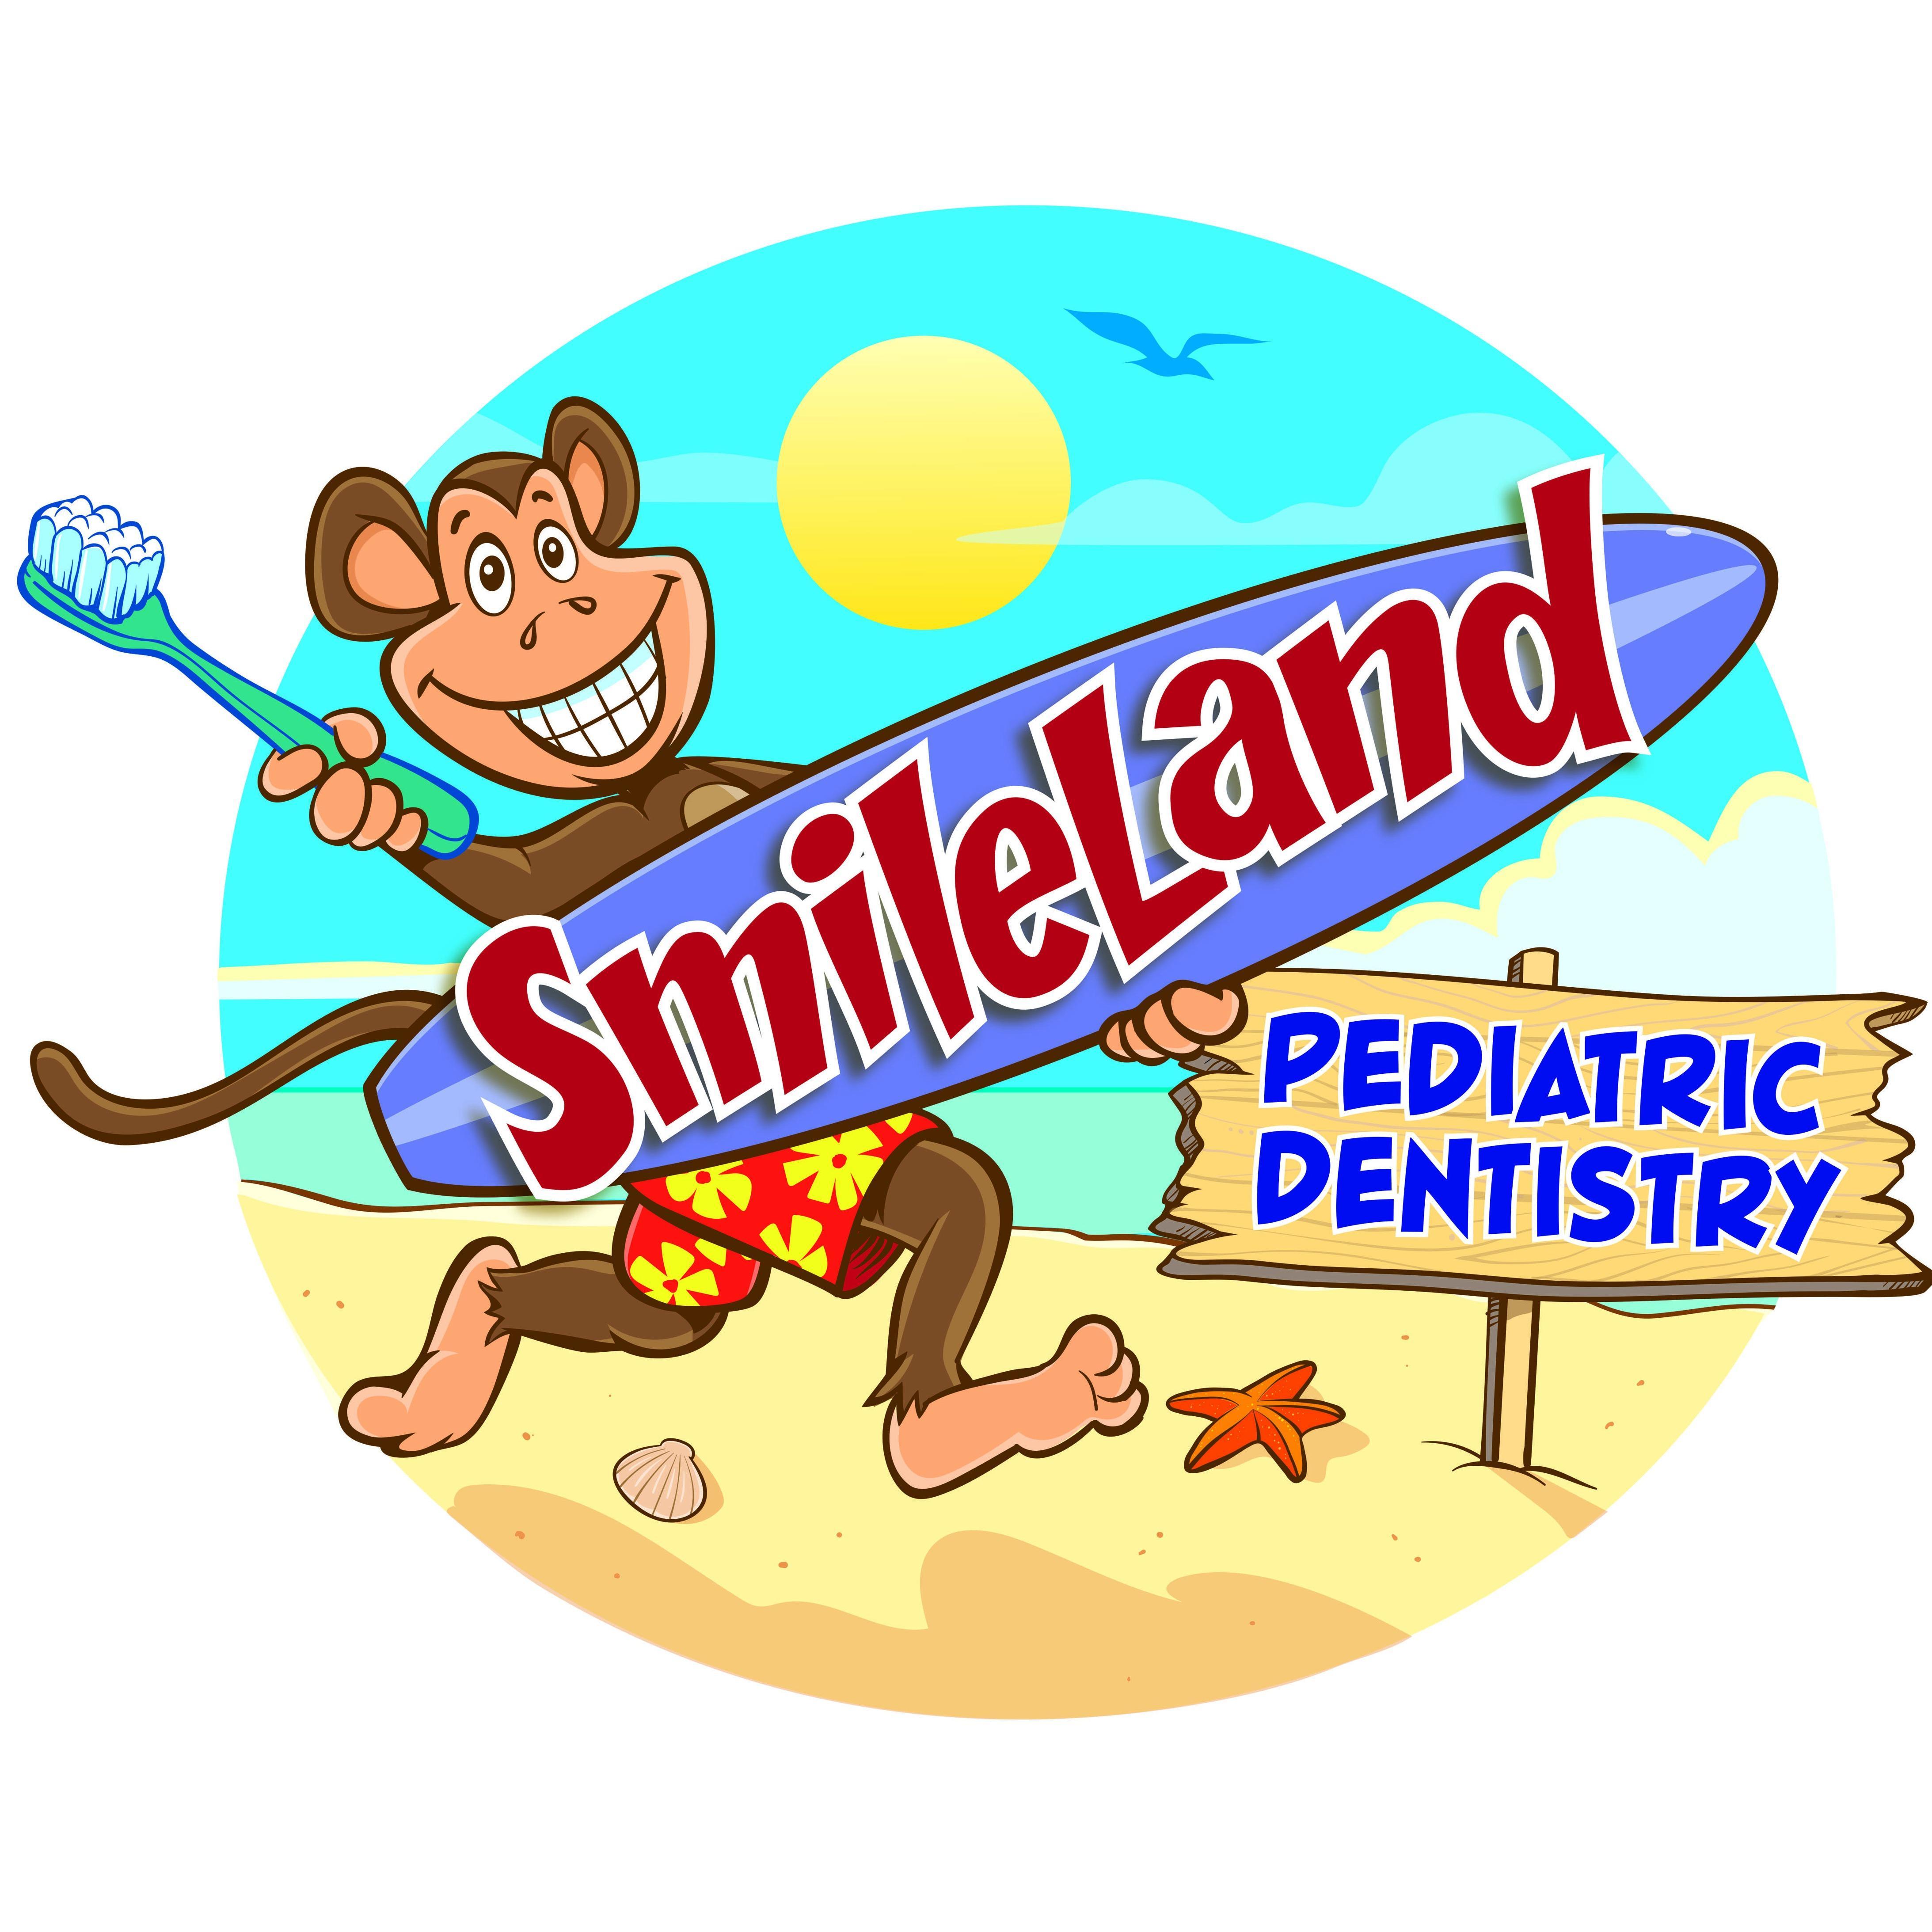 pediatric dentistry J pediatr dent, official publication of dental investigations society,turkey.